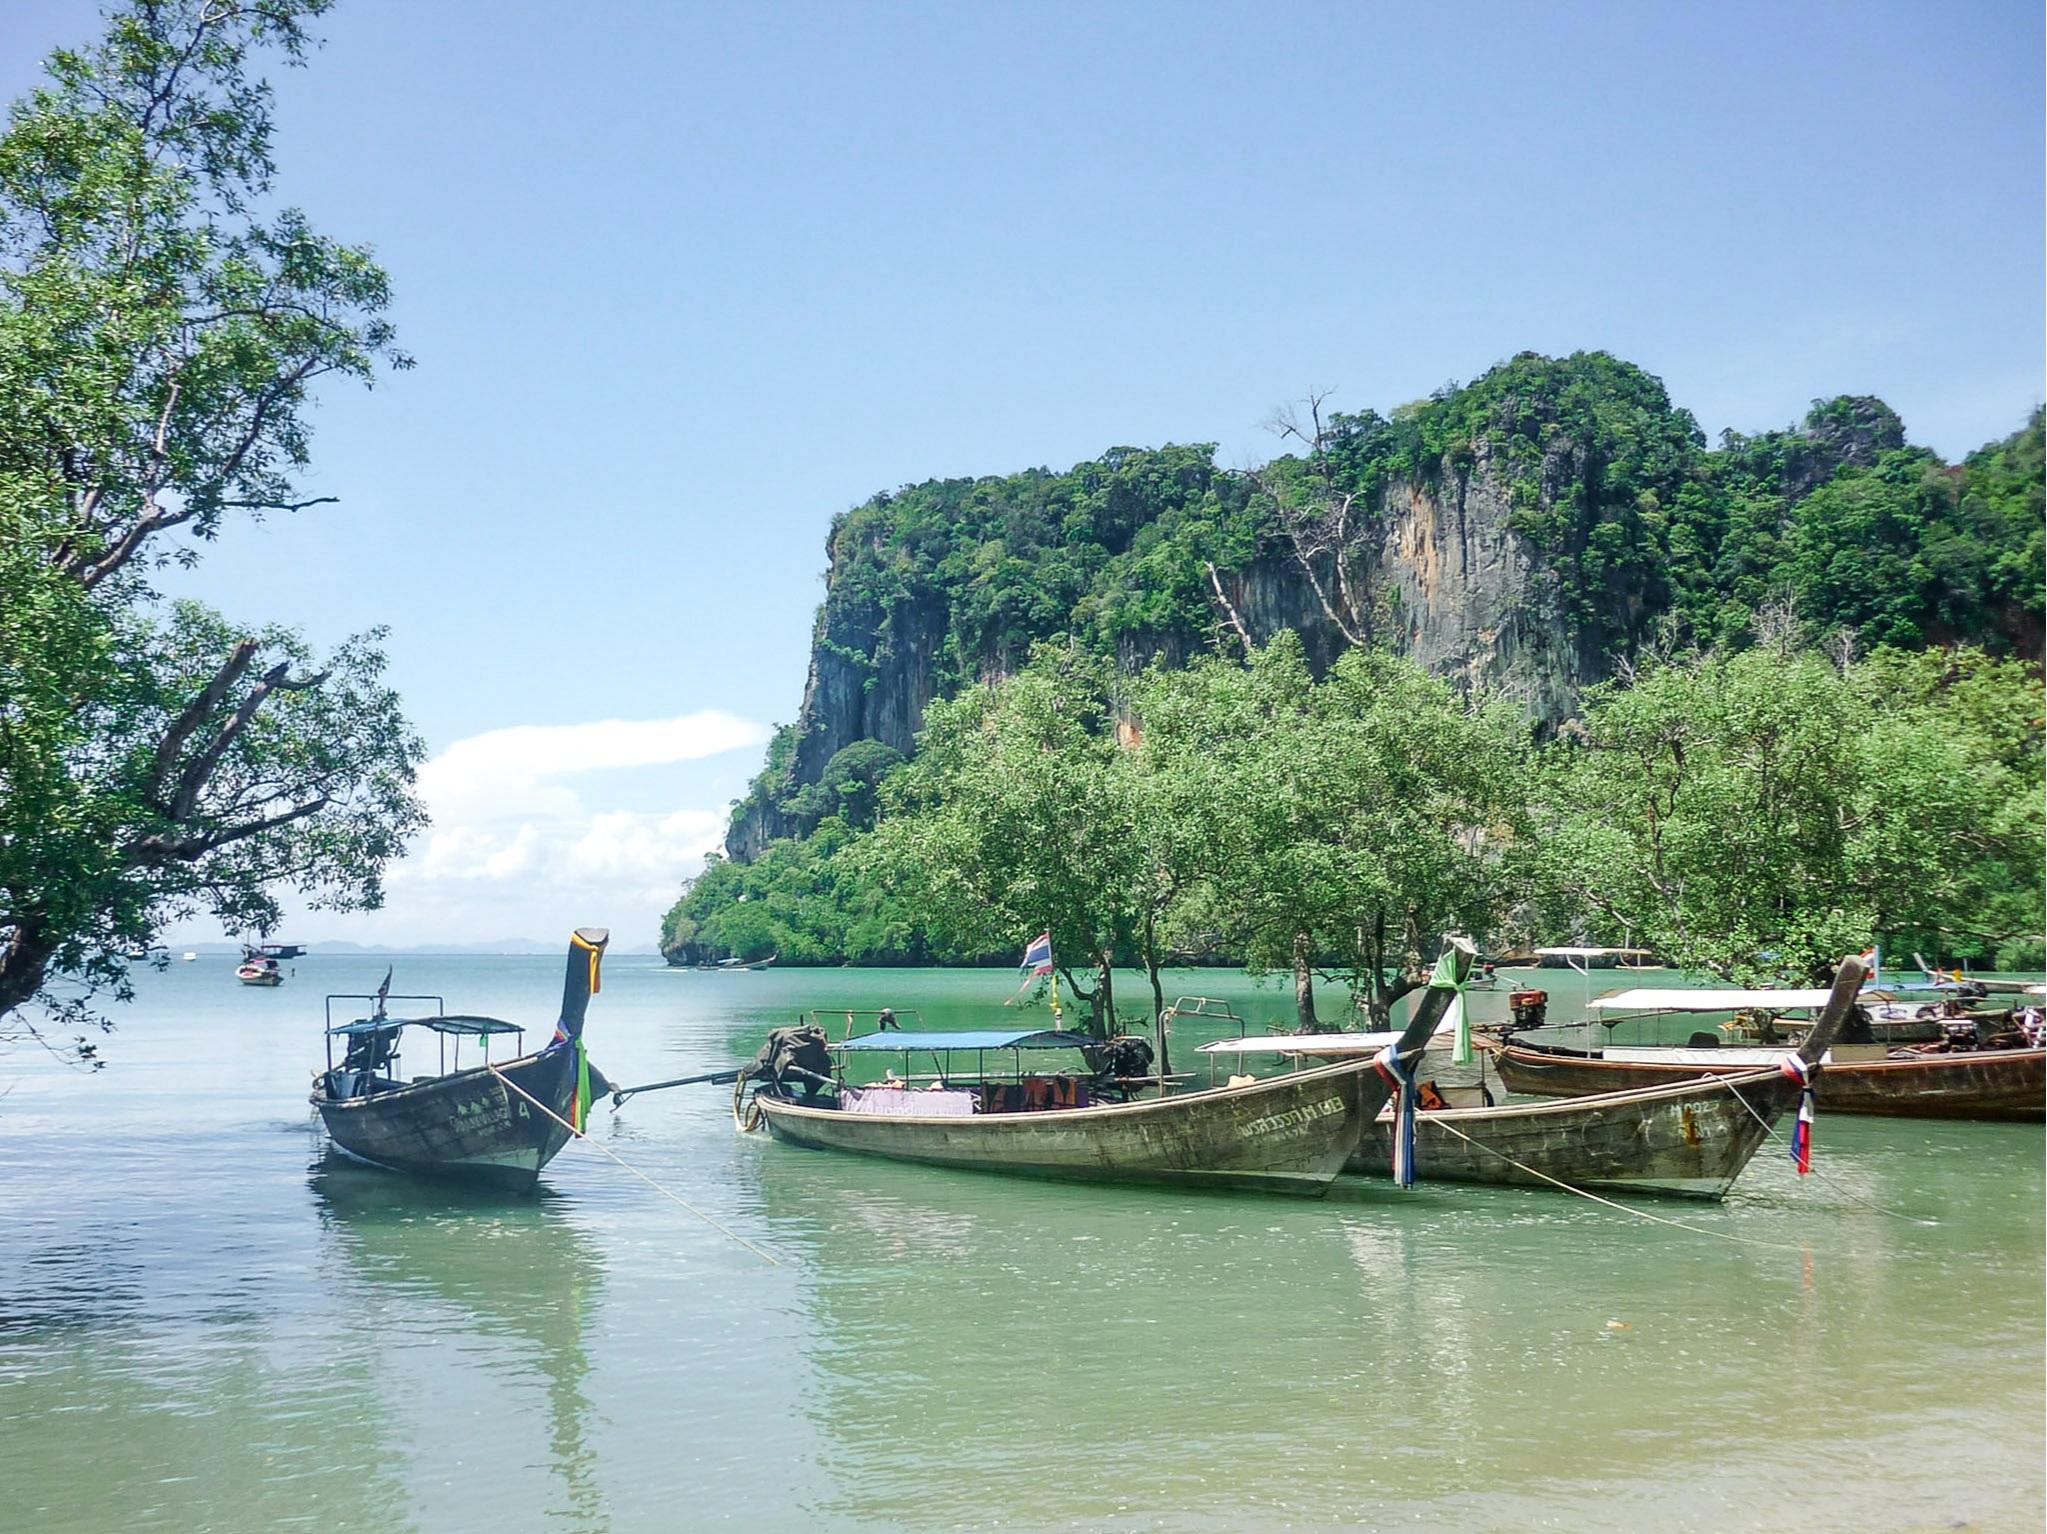 curio.trips.thailand.island.boats.beach.landscape.jpg